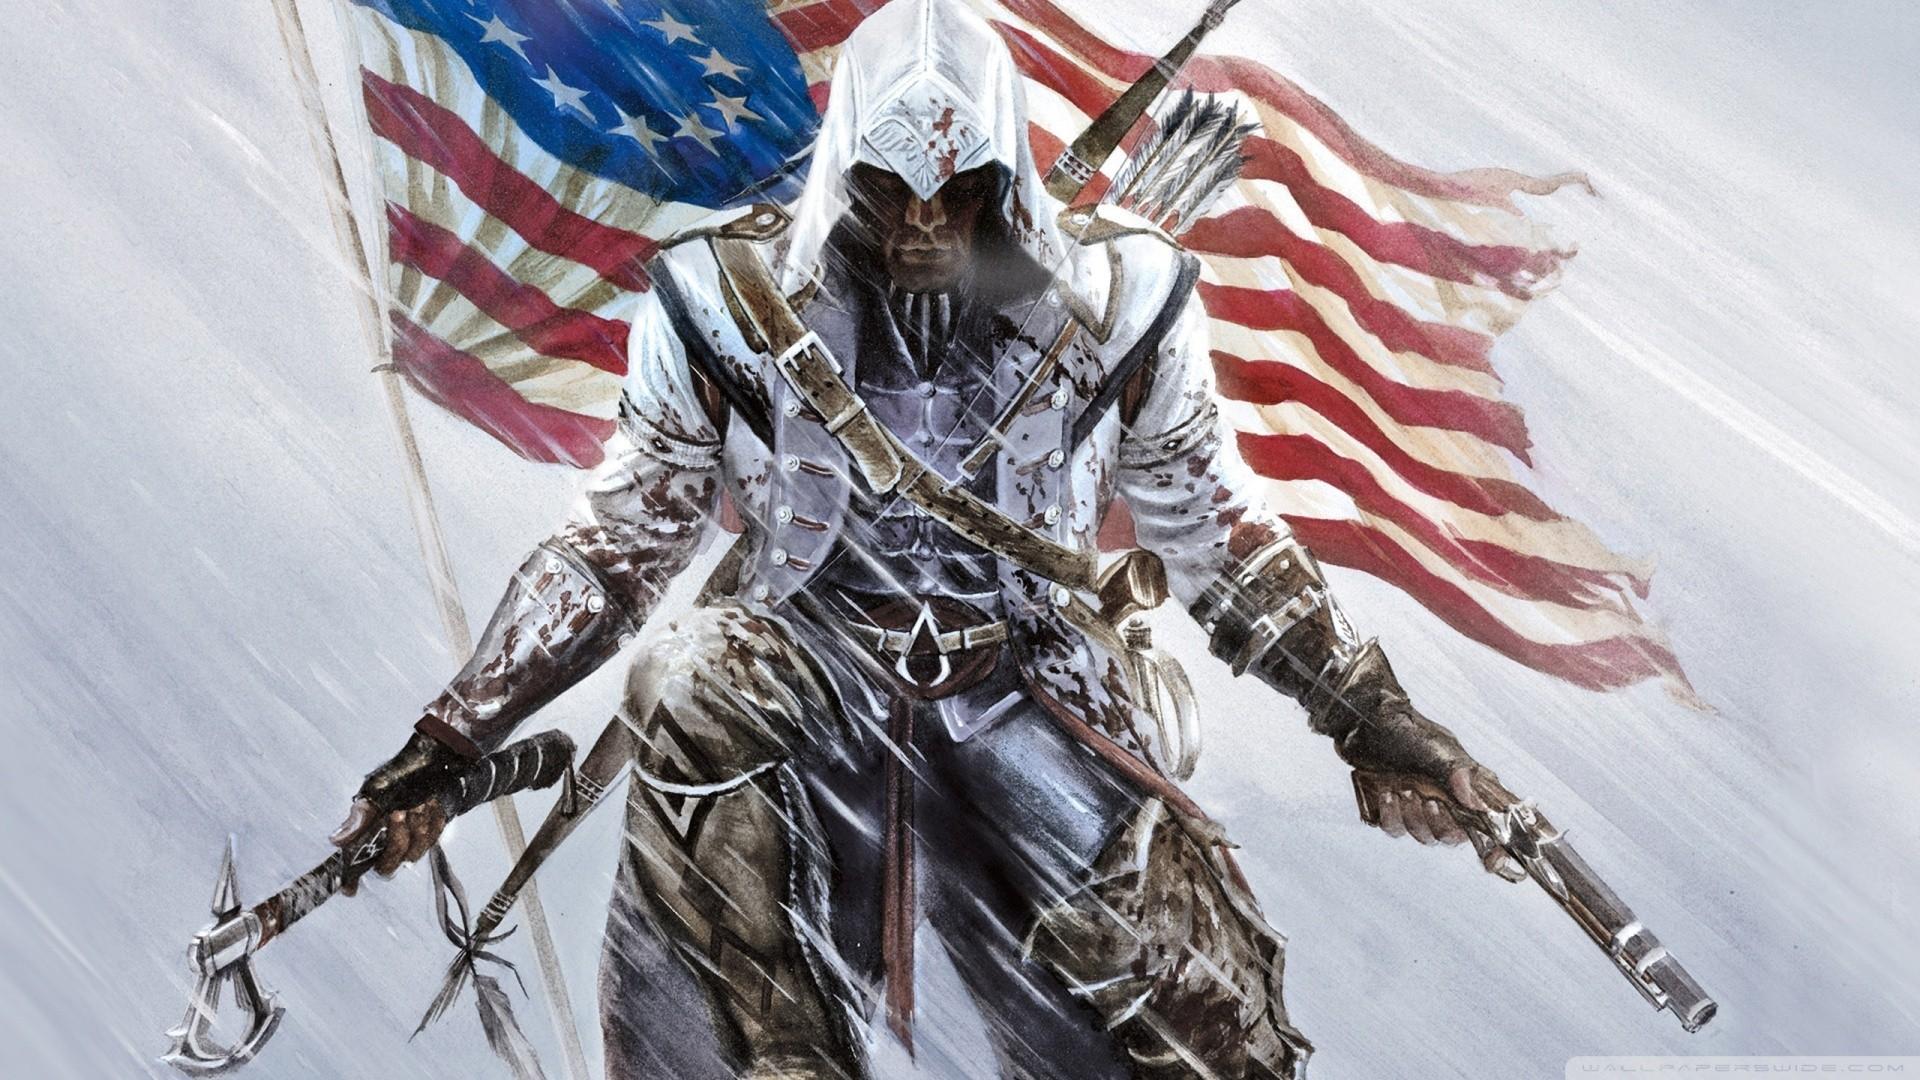 Assassins Creed 3 Wallpapers 5 HD Desktop Wallpapers 1920x1080